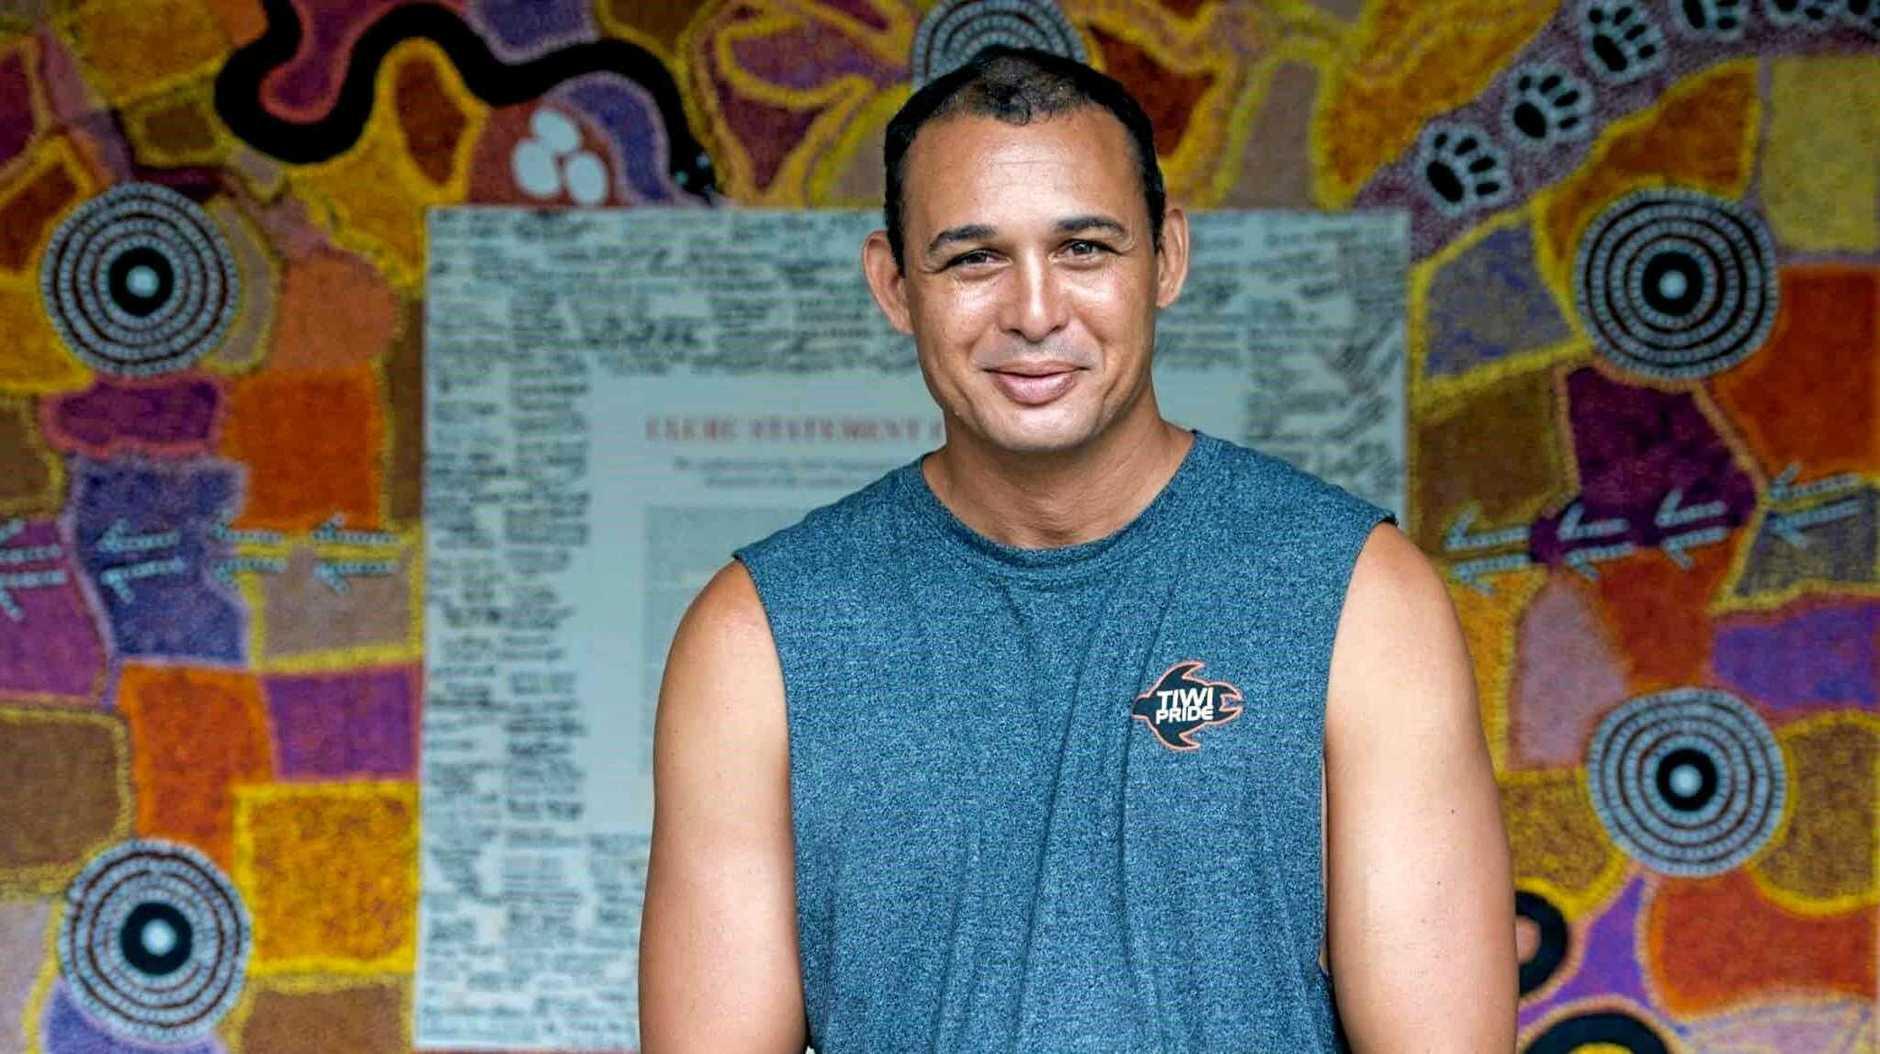 NGARA: Thomas Mayor talking about the Uluru Statement